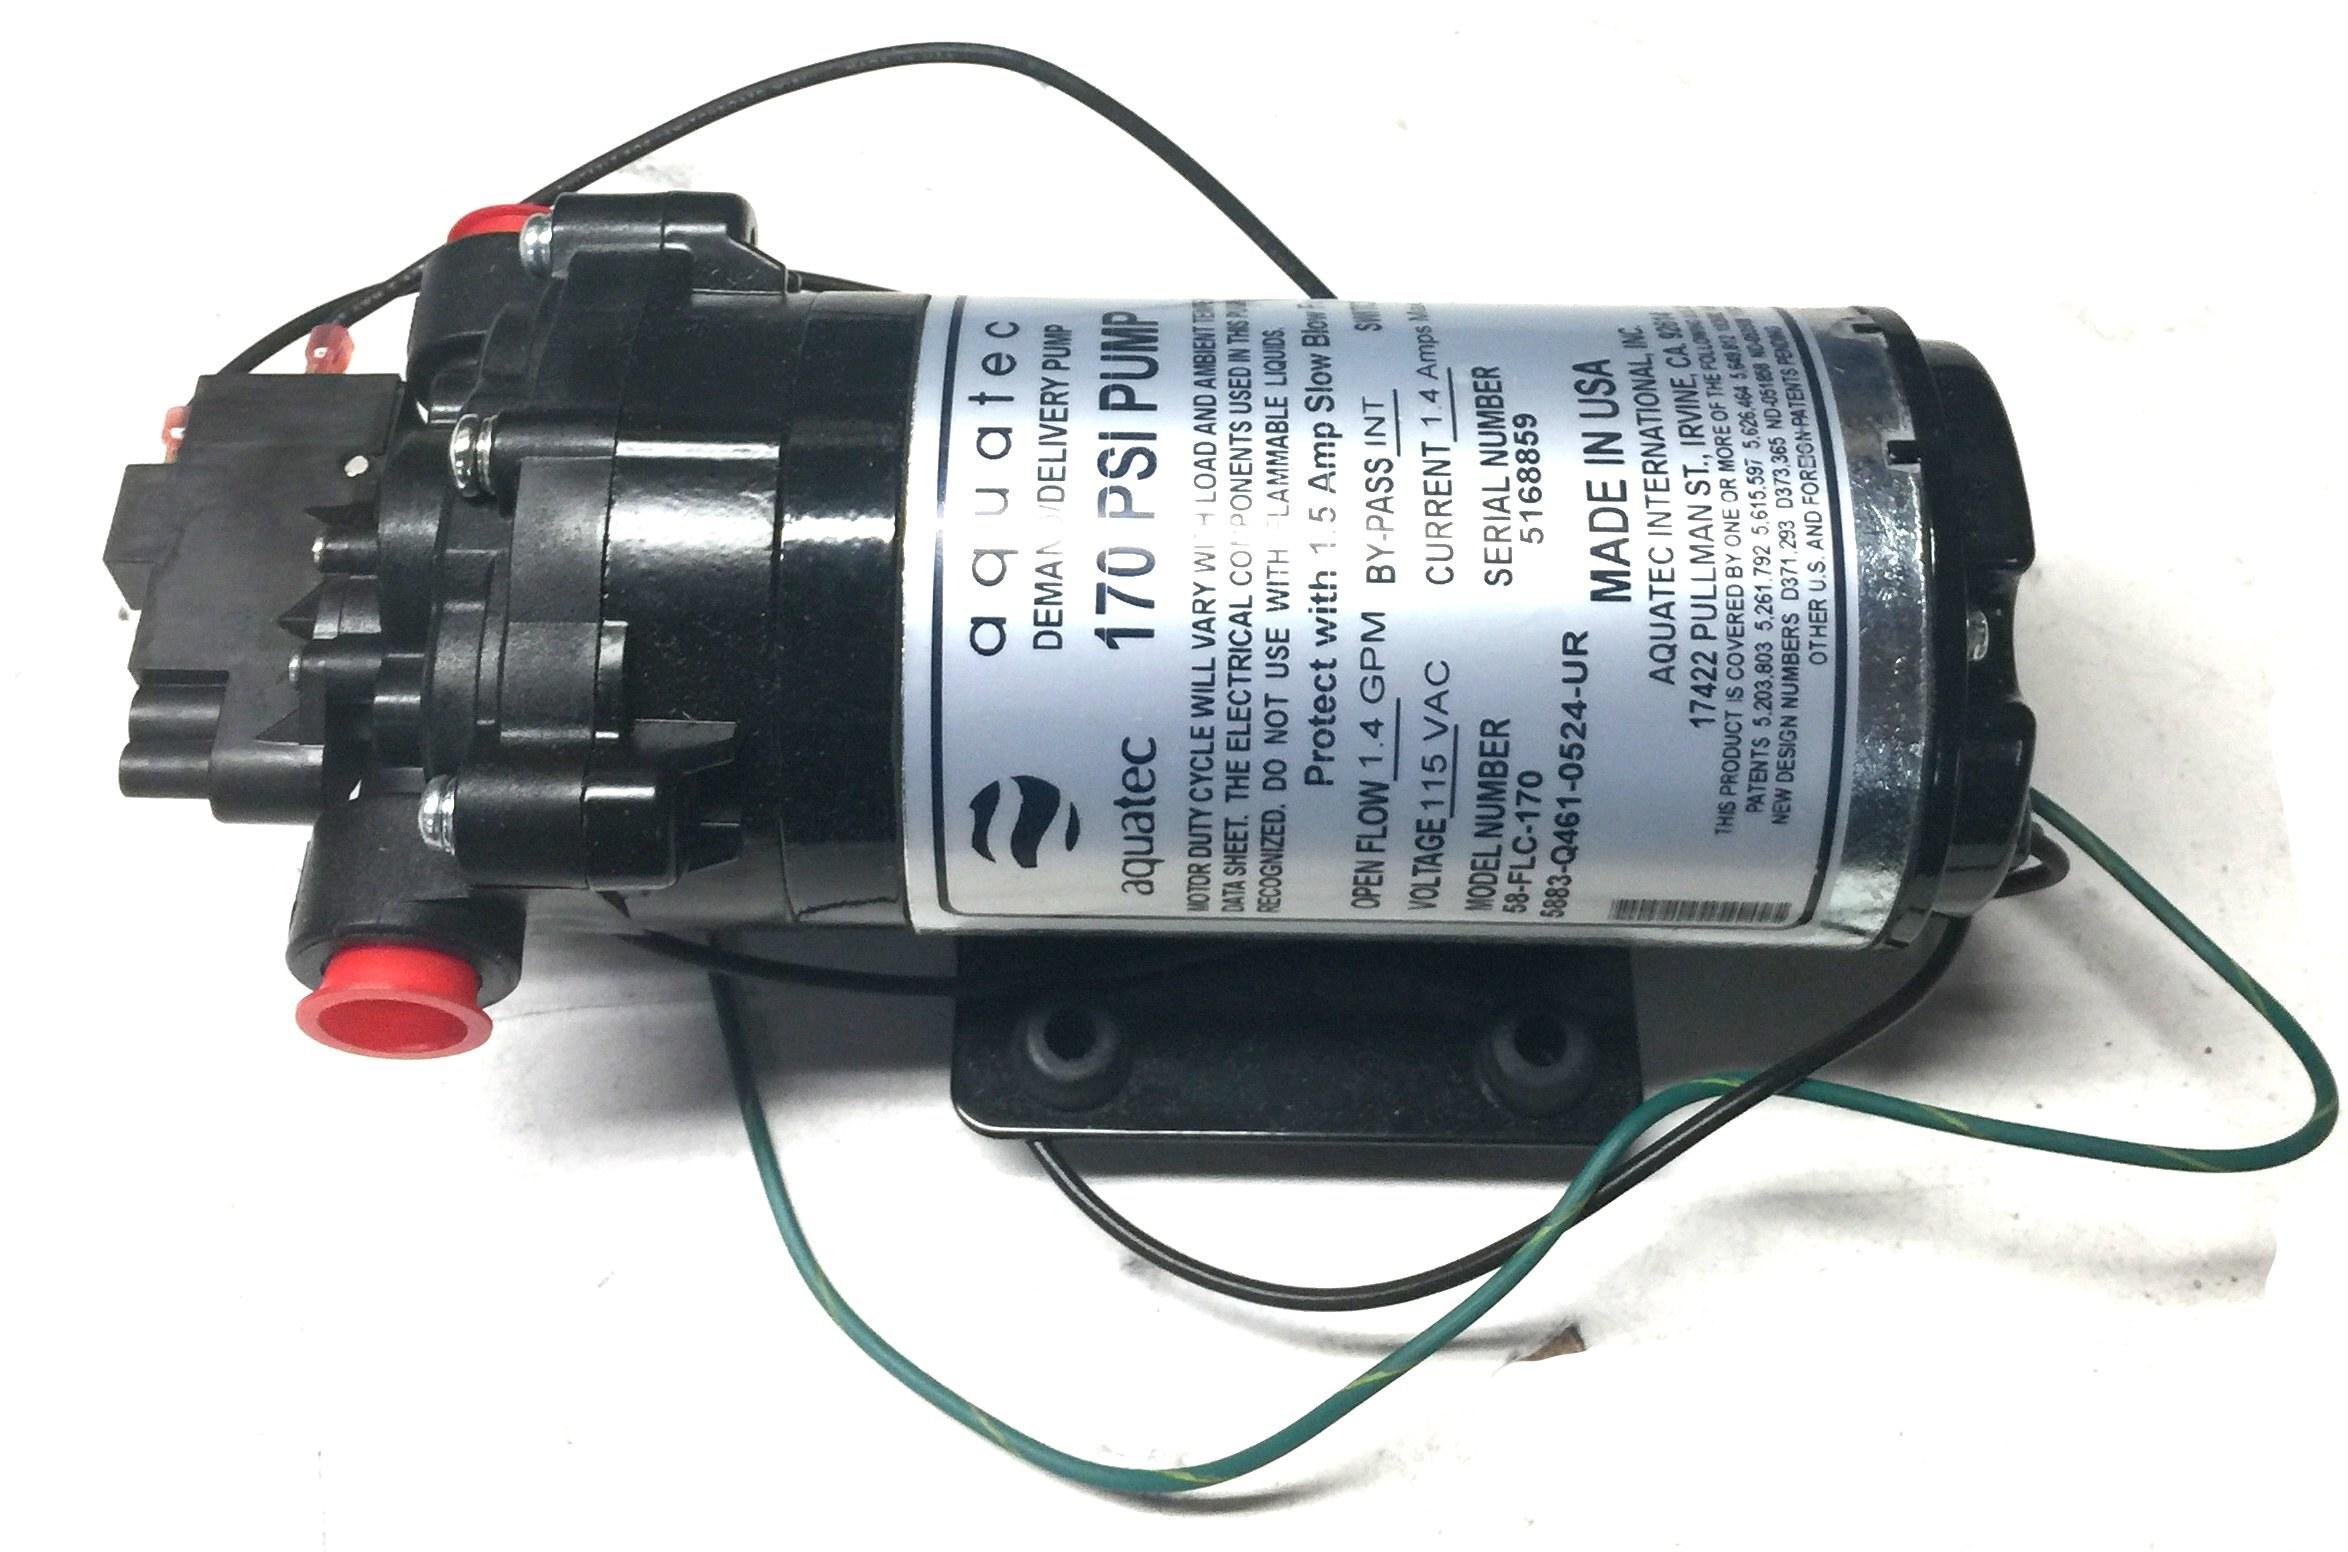 Aquatec 170psi replacement pump